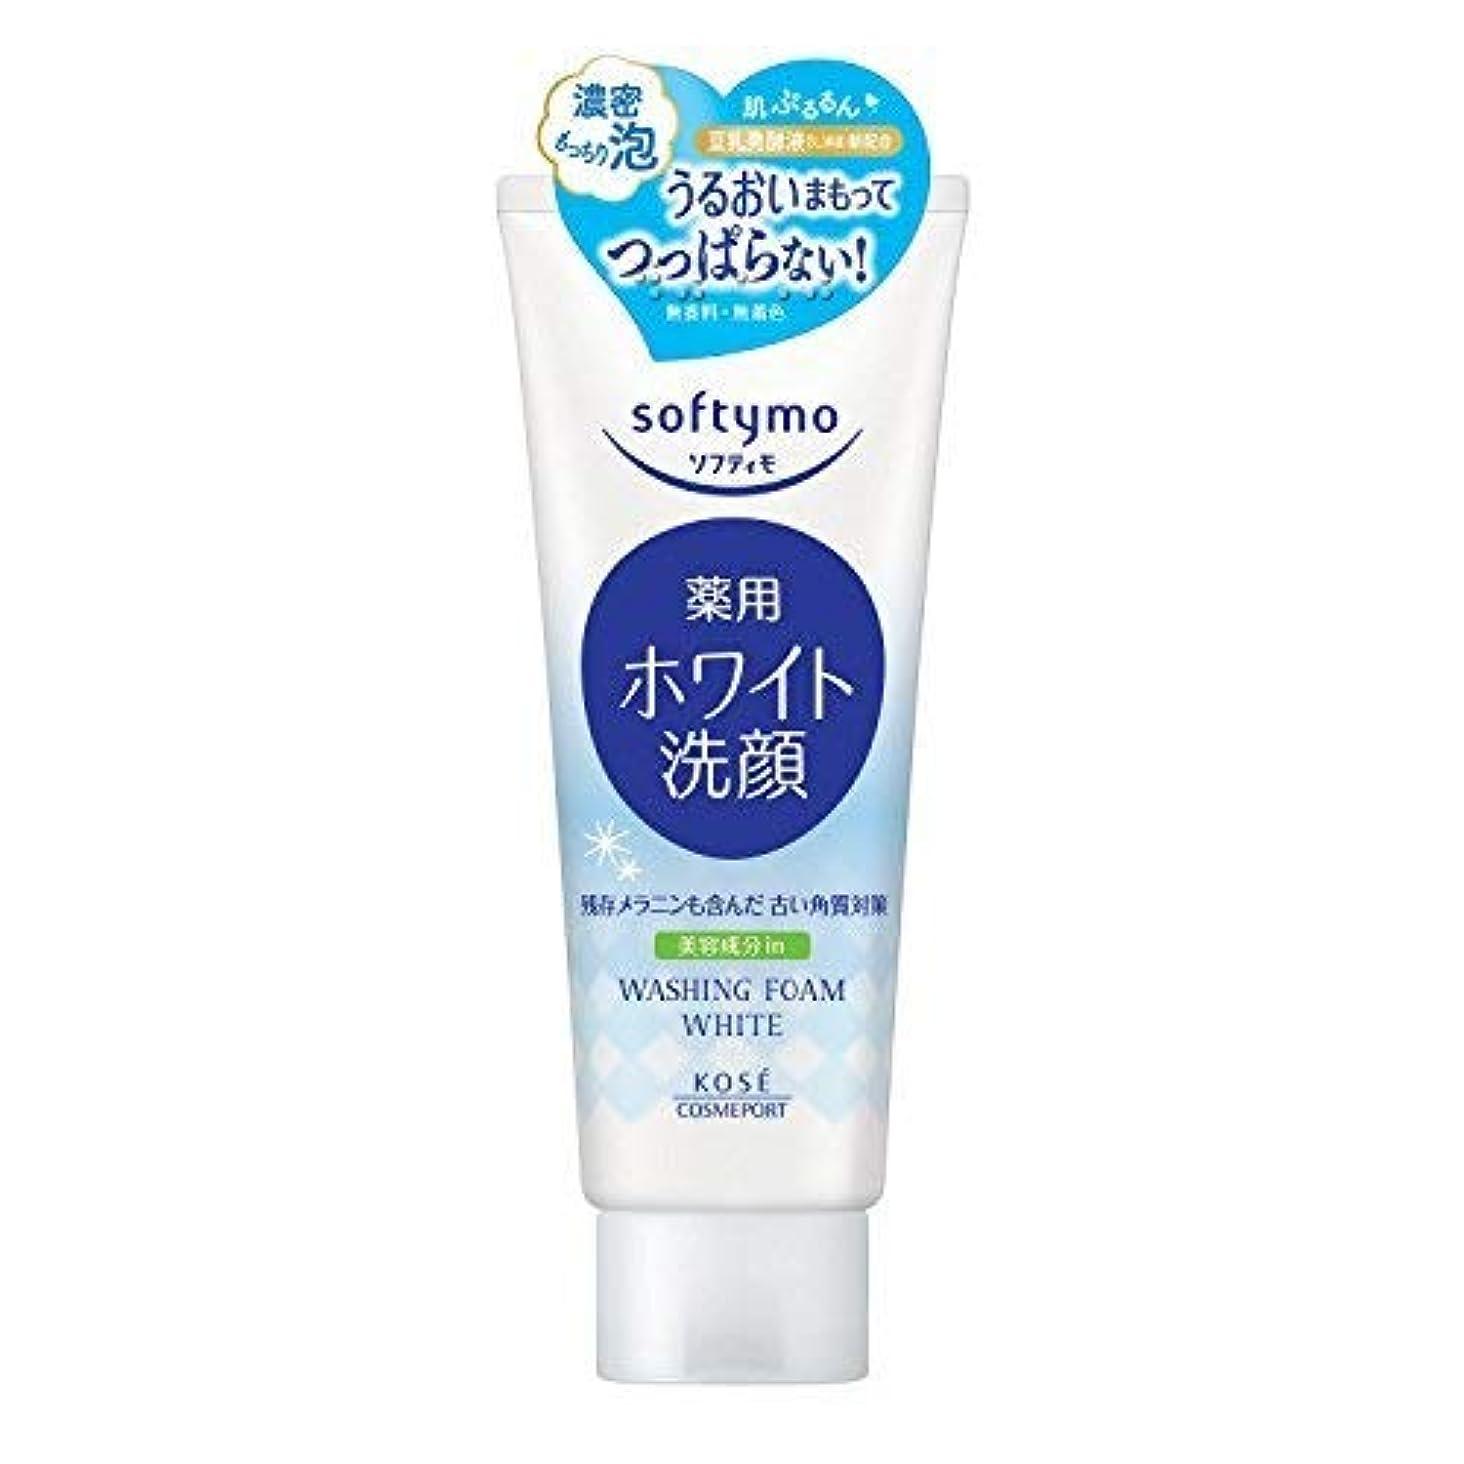 ソフティモ薬用洗顔フォーム(ホワイト) × 3個セット